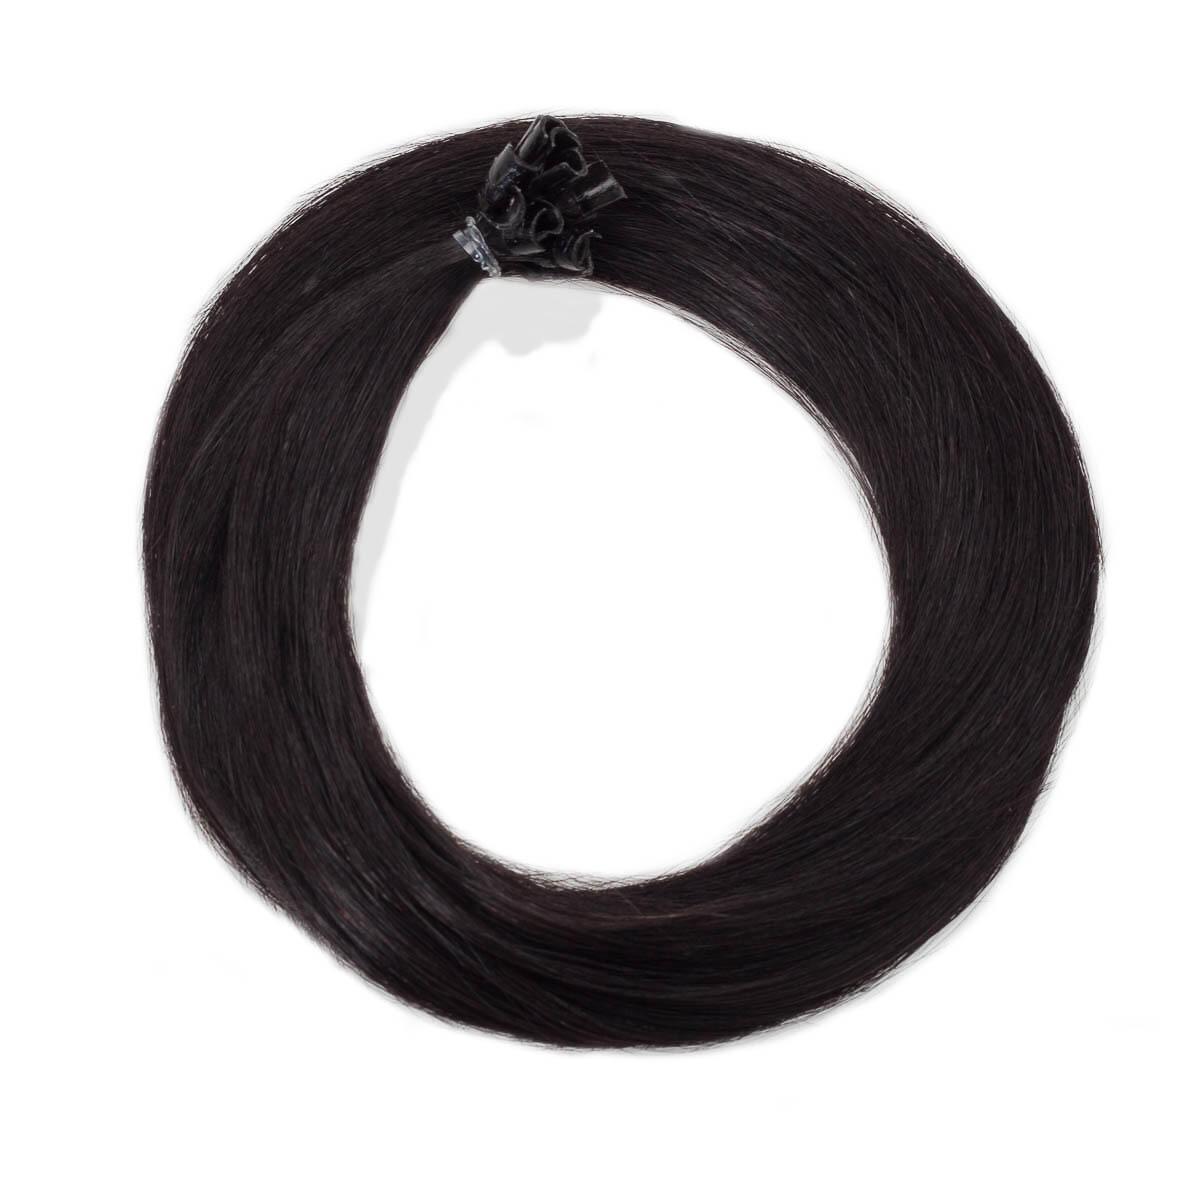 Nail Hair 1.2 Black Brown 30 cm